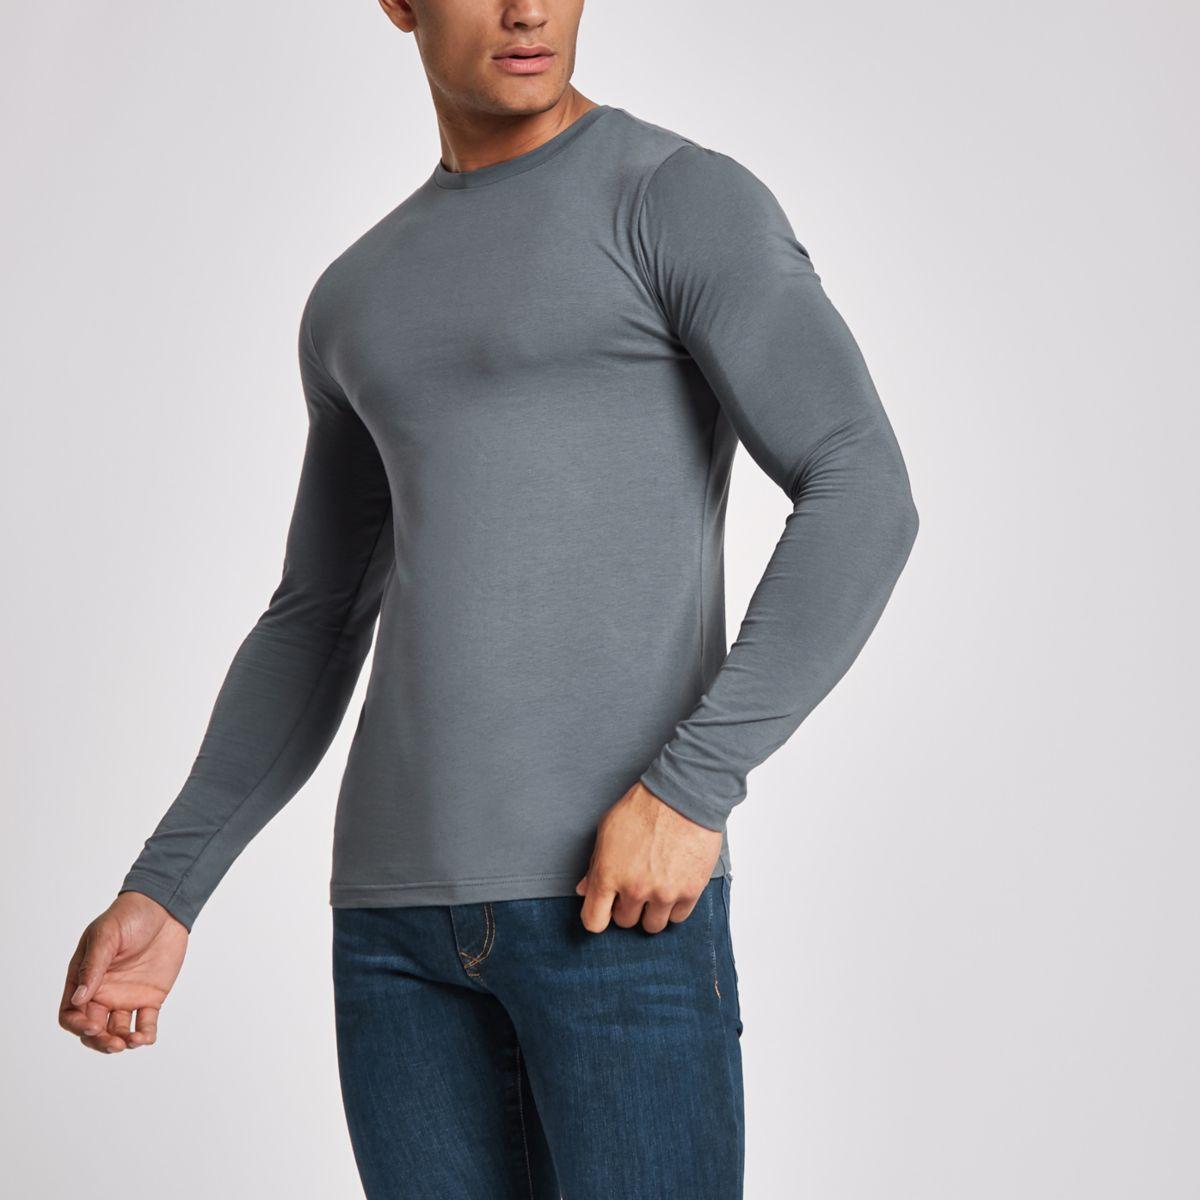 Dark grey muscle fit long sleeve top